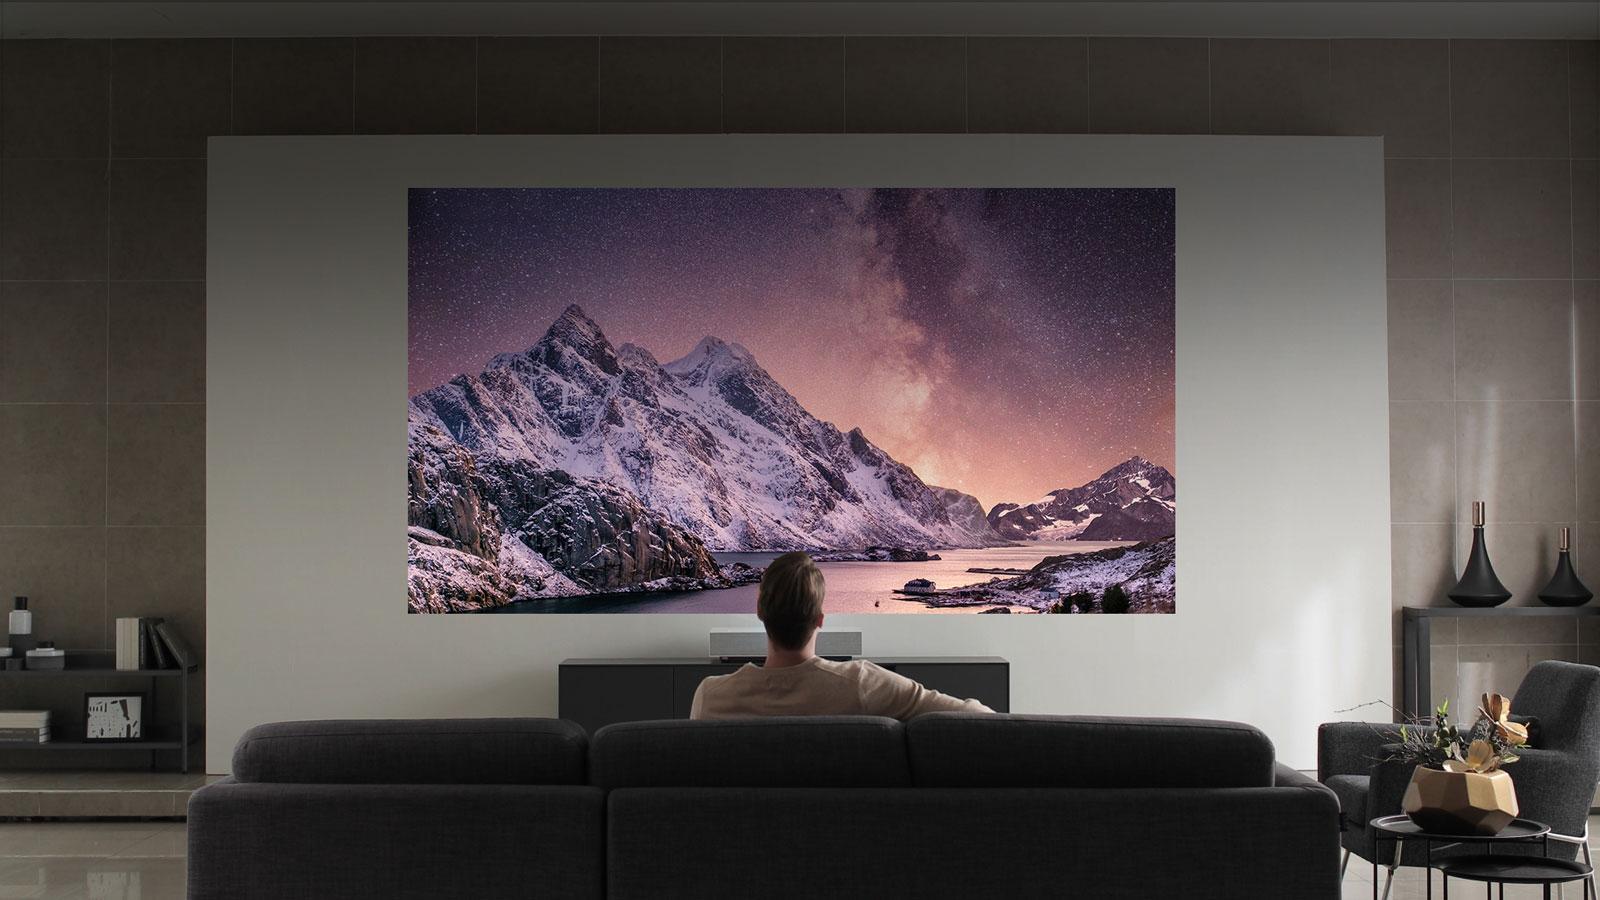 人觀看在白色牆壁上的山風景投射。